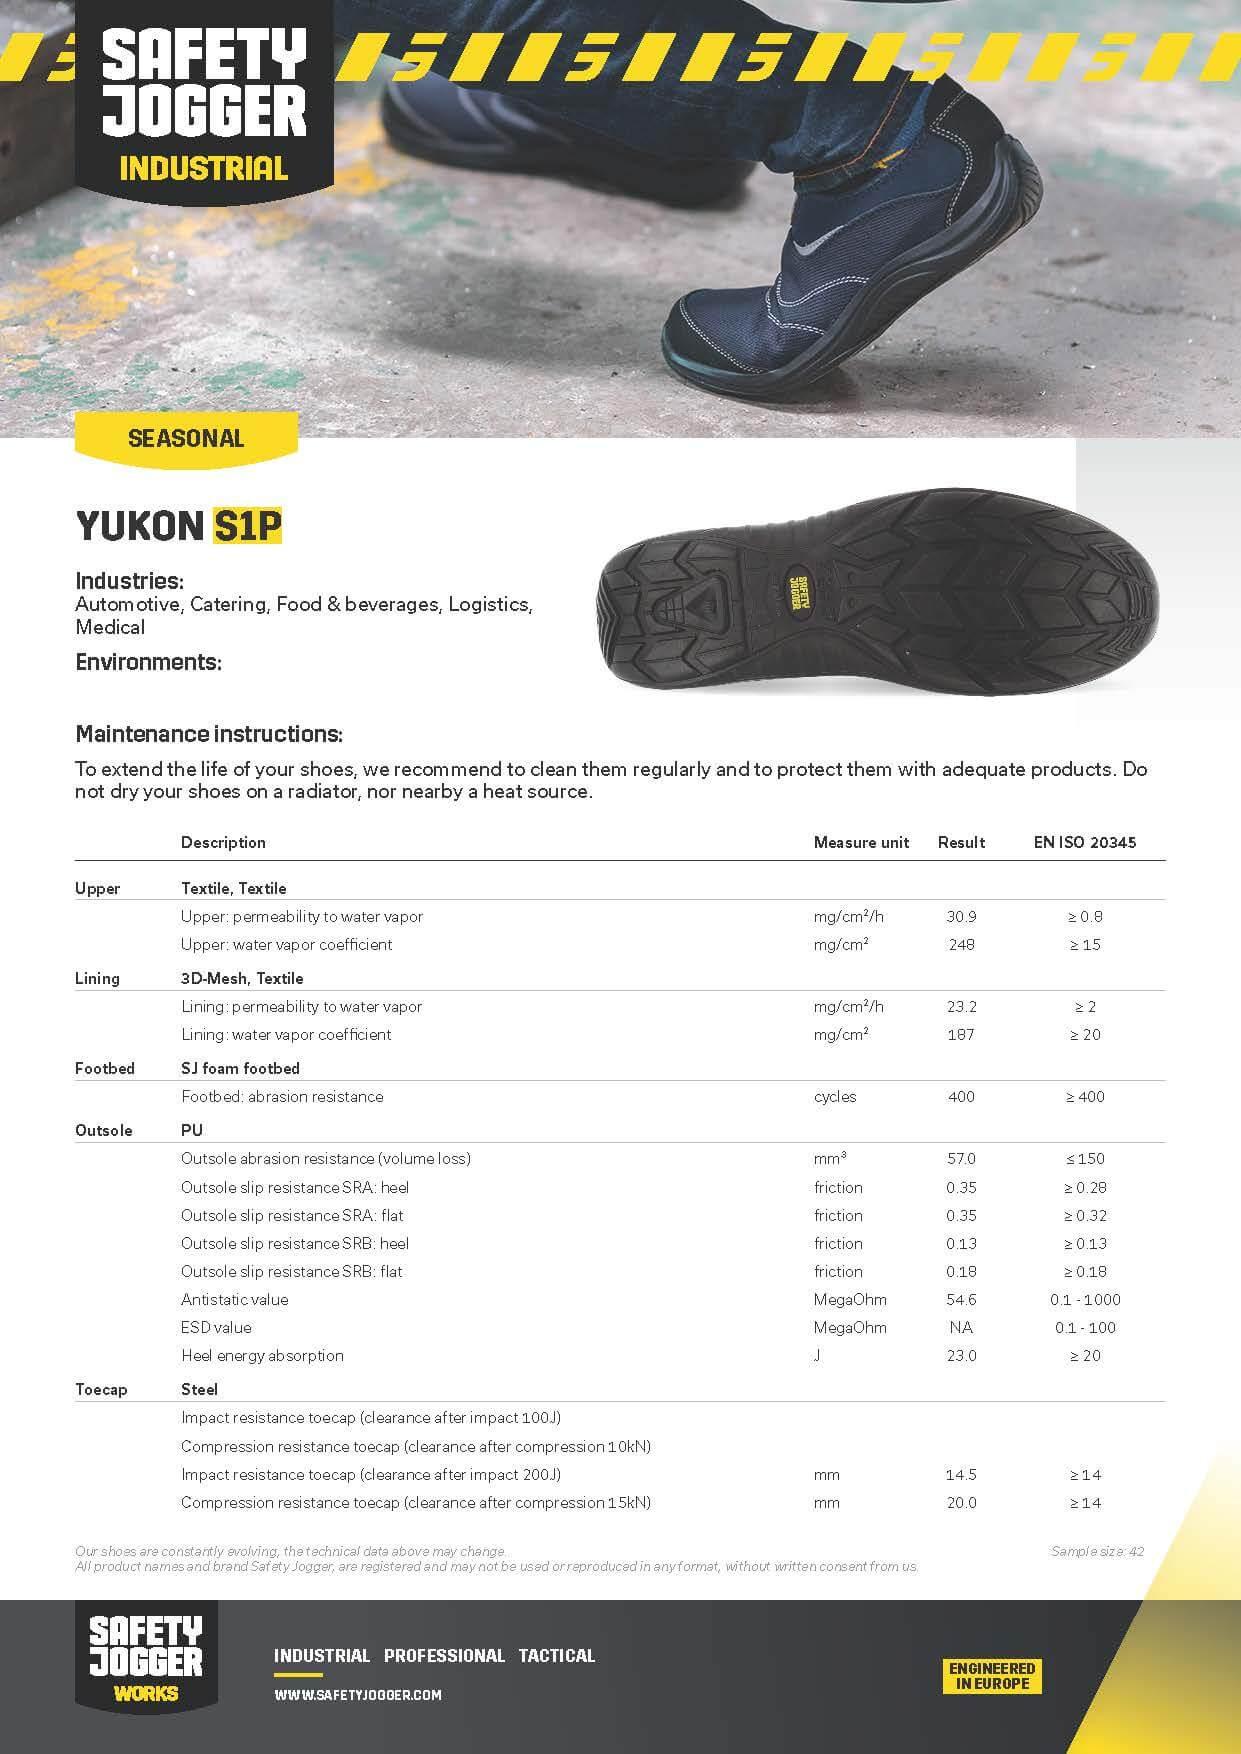 รองเท้า Safety Jogger Yukon